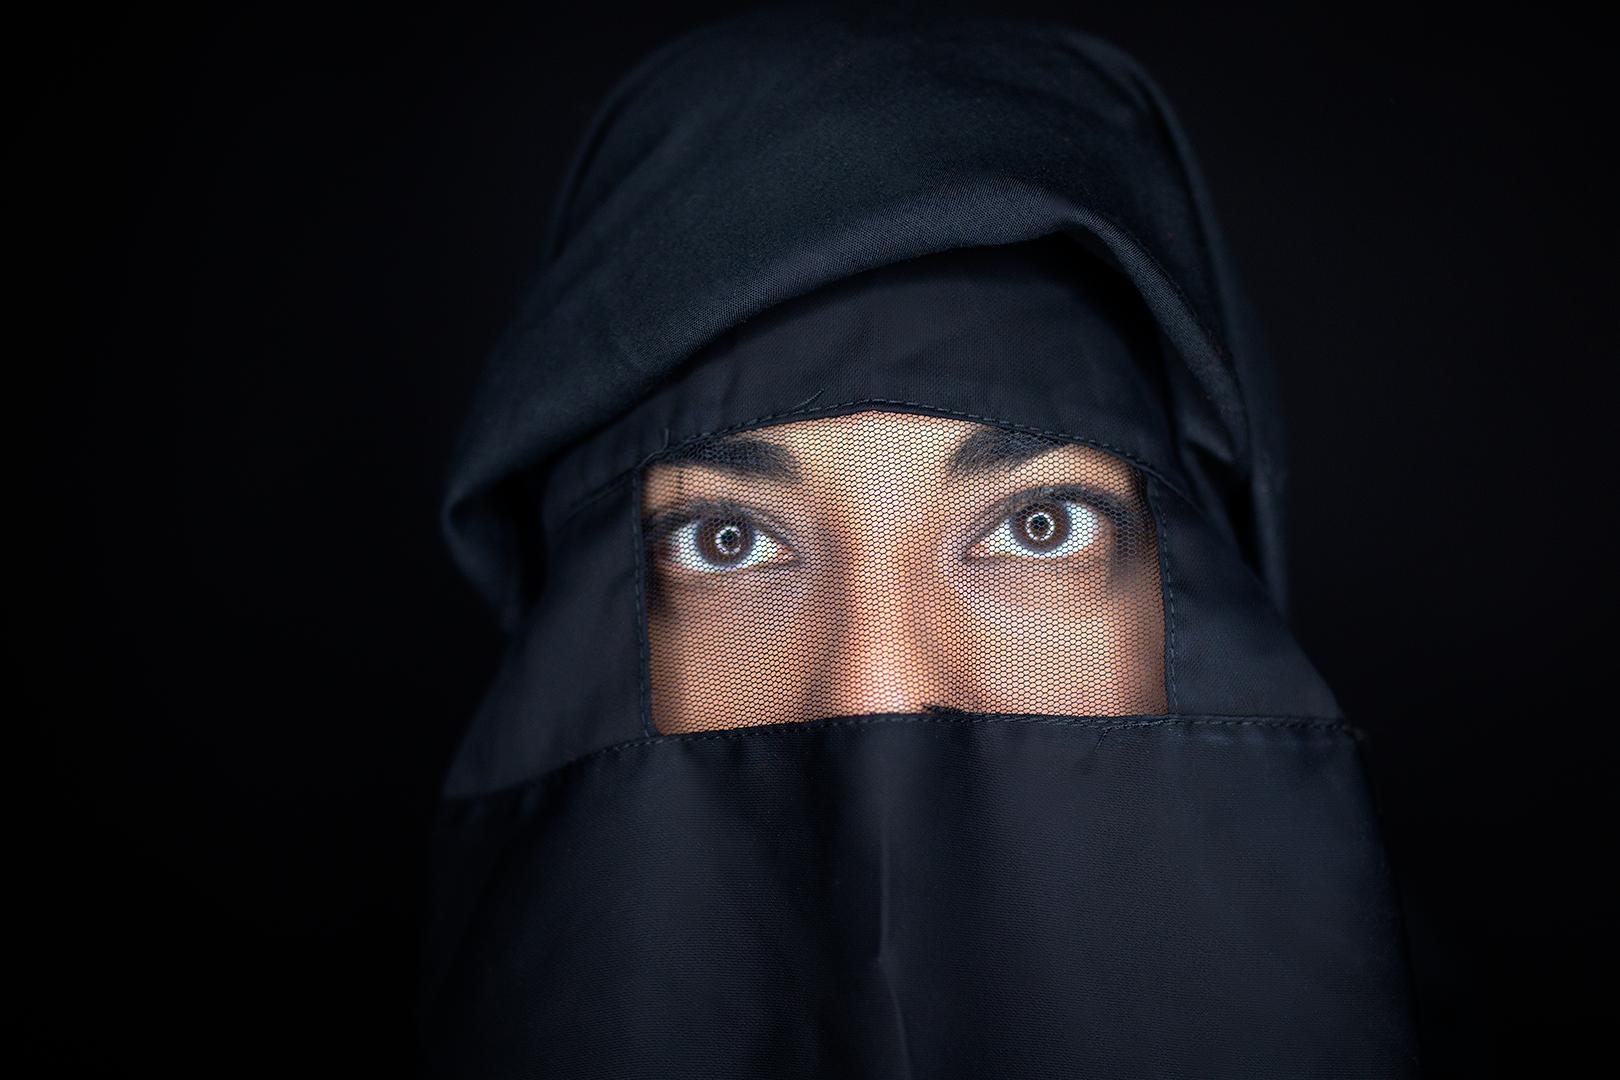 # 1 Burqa Boutique - Veenu Sandhu_ Burqa Boutique_David Markewi.png